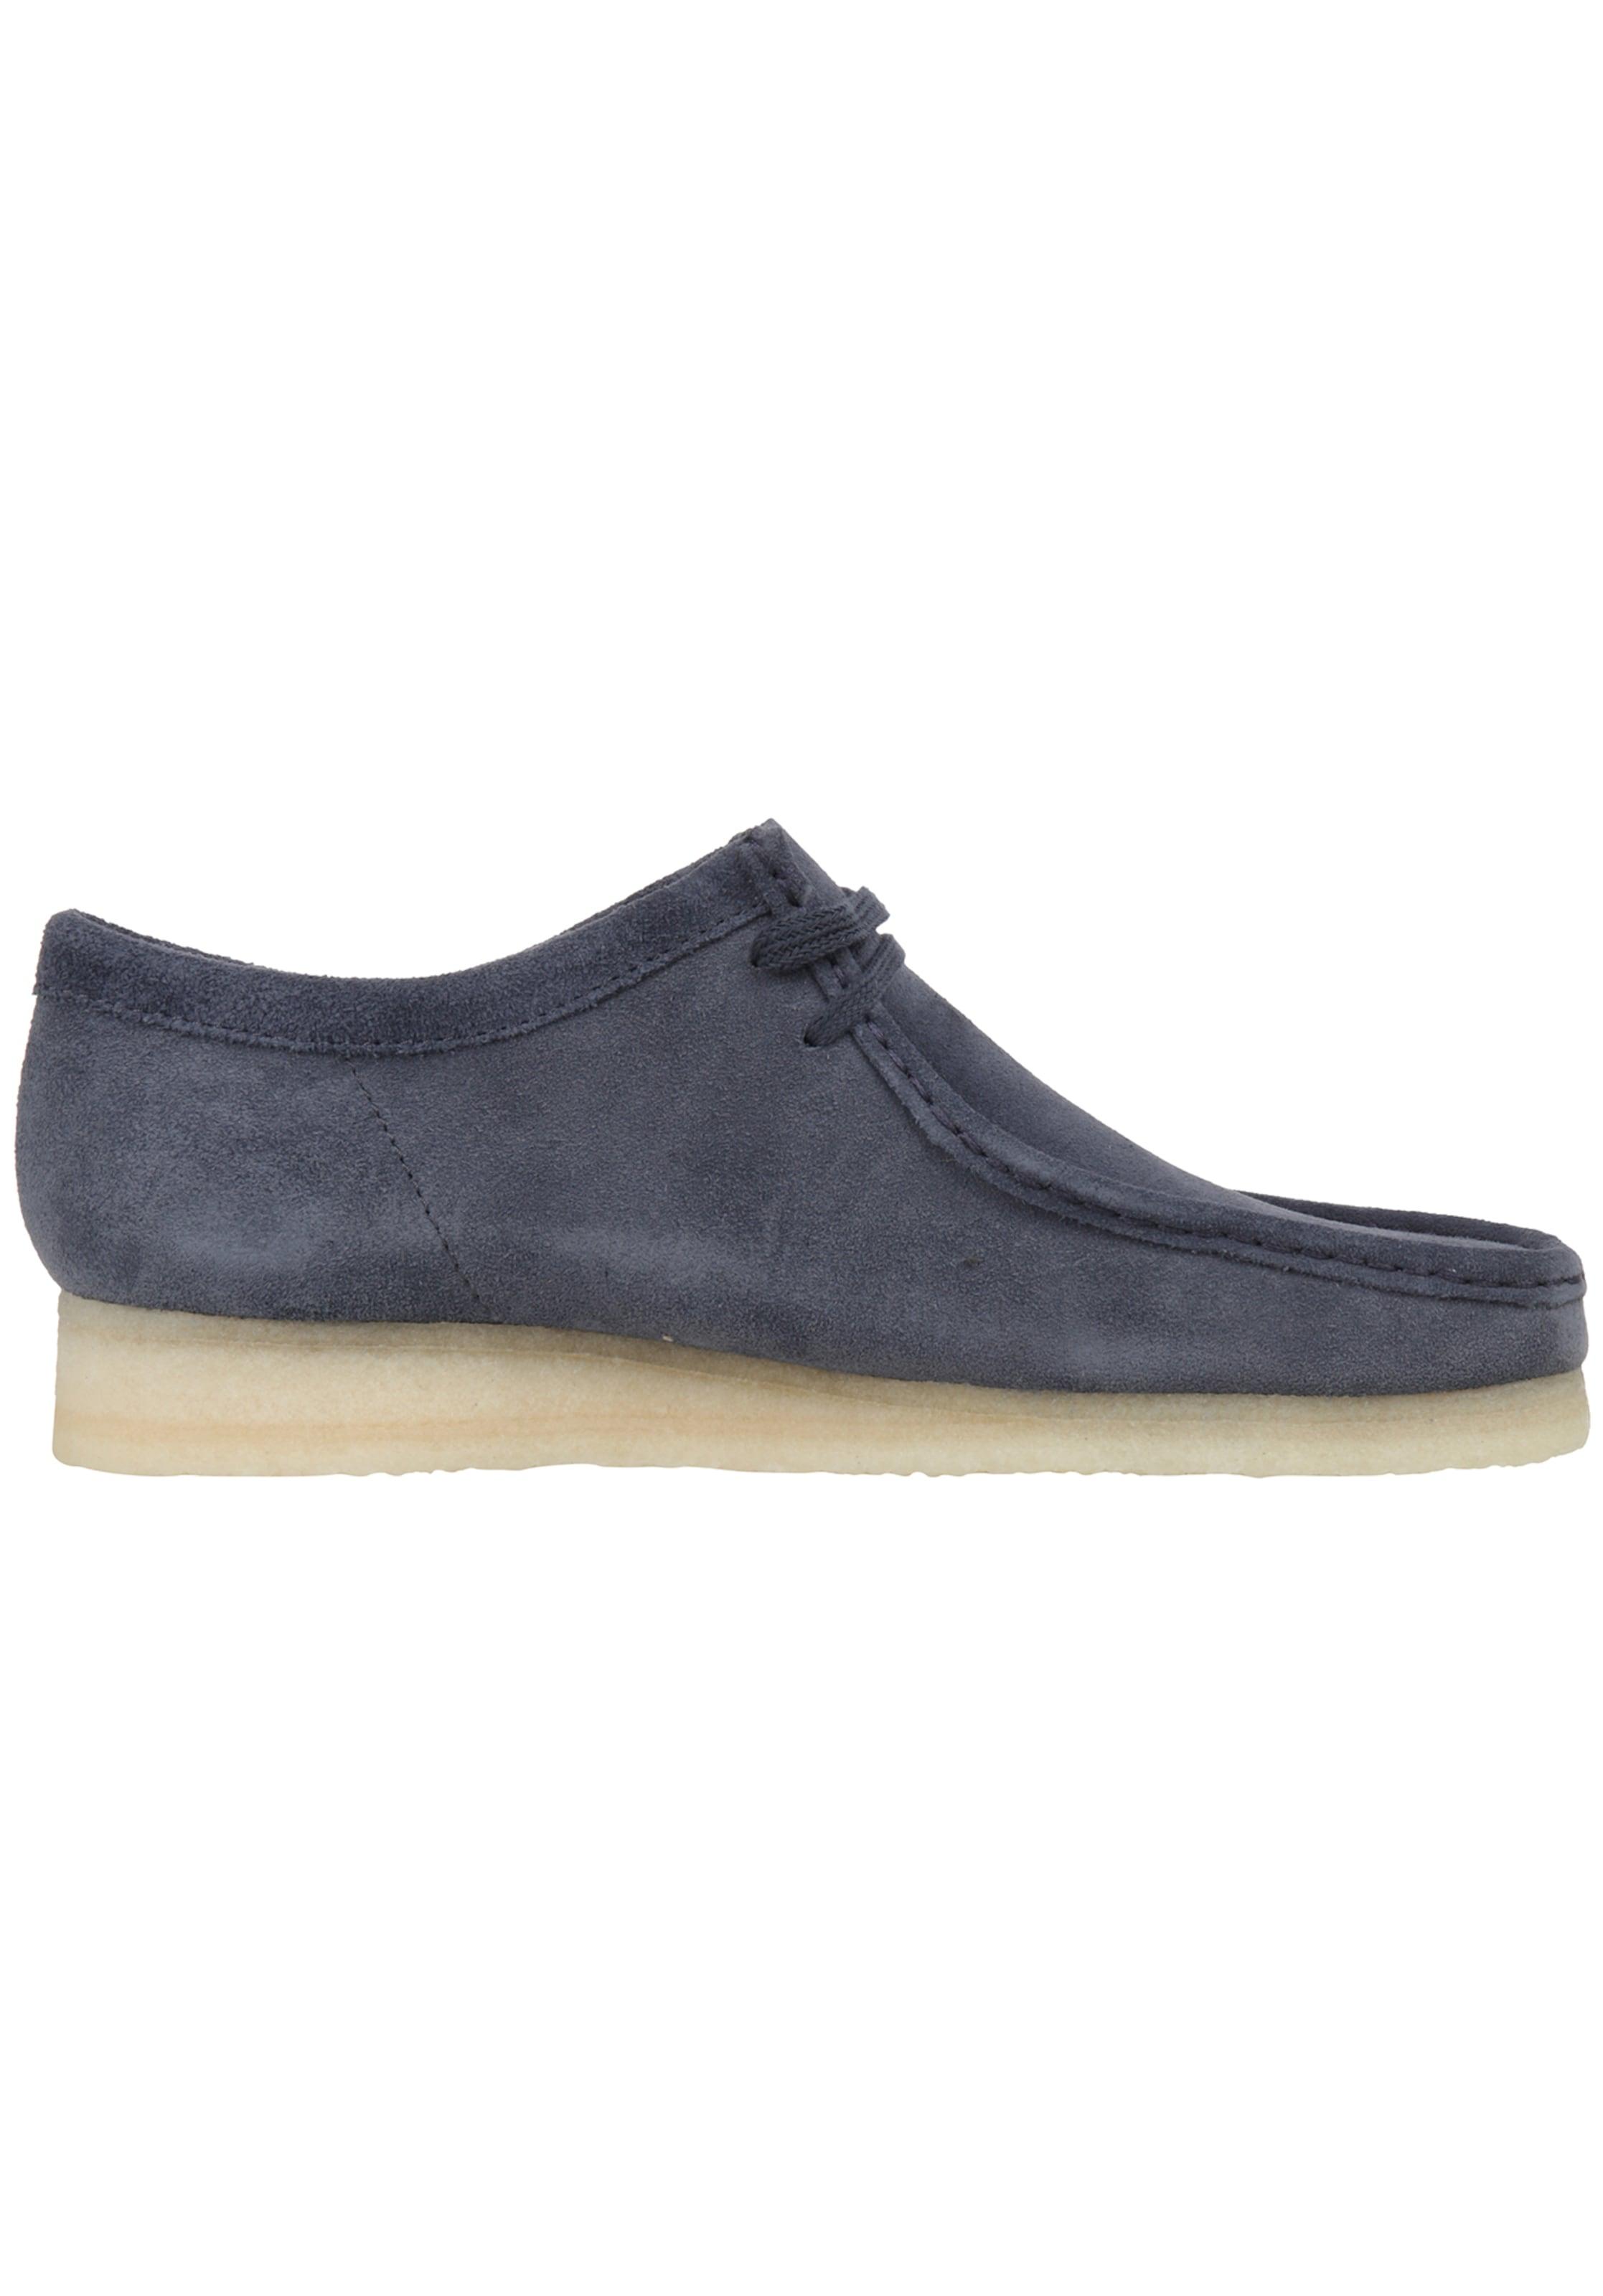 'wallabee' Marine Schuhe Clarks Originals In qUjzVSpGLM